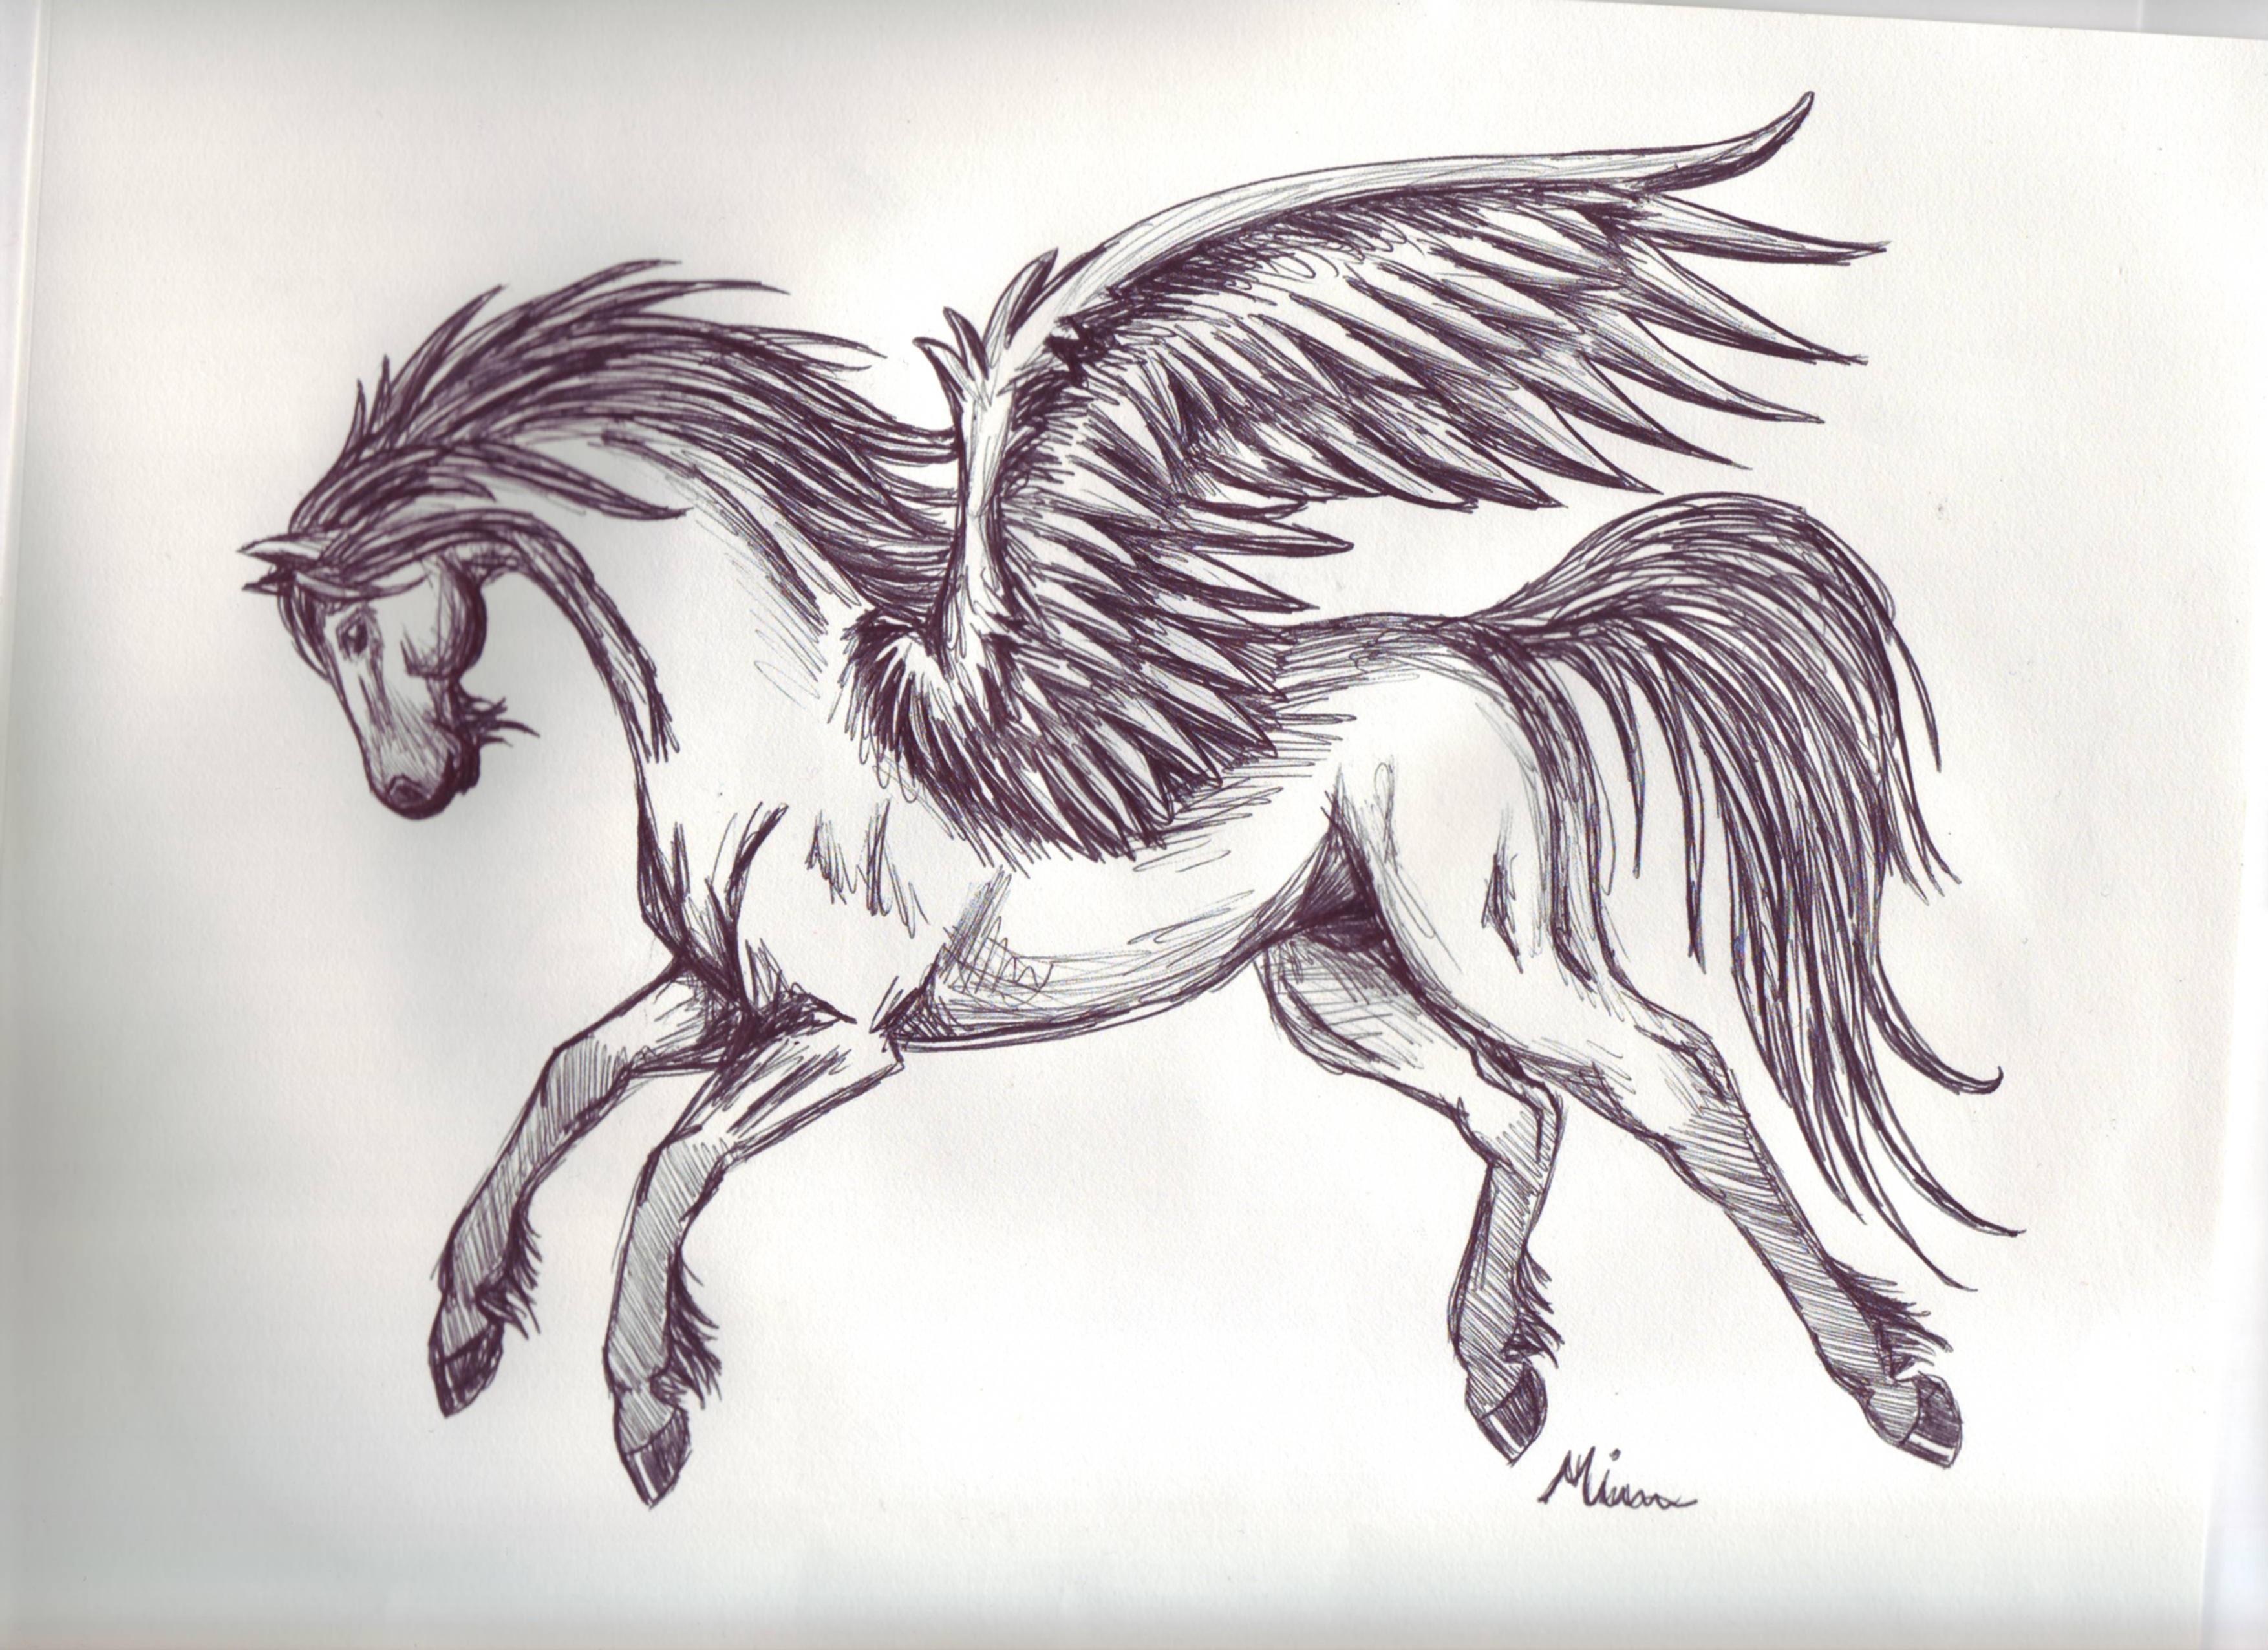 Uncategorized Drawings Of Pegasus pegasus sketch 3 by spiritwings on deviantart spiritwings